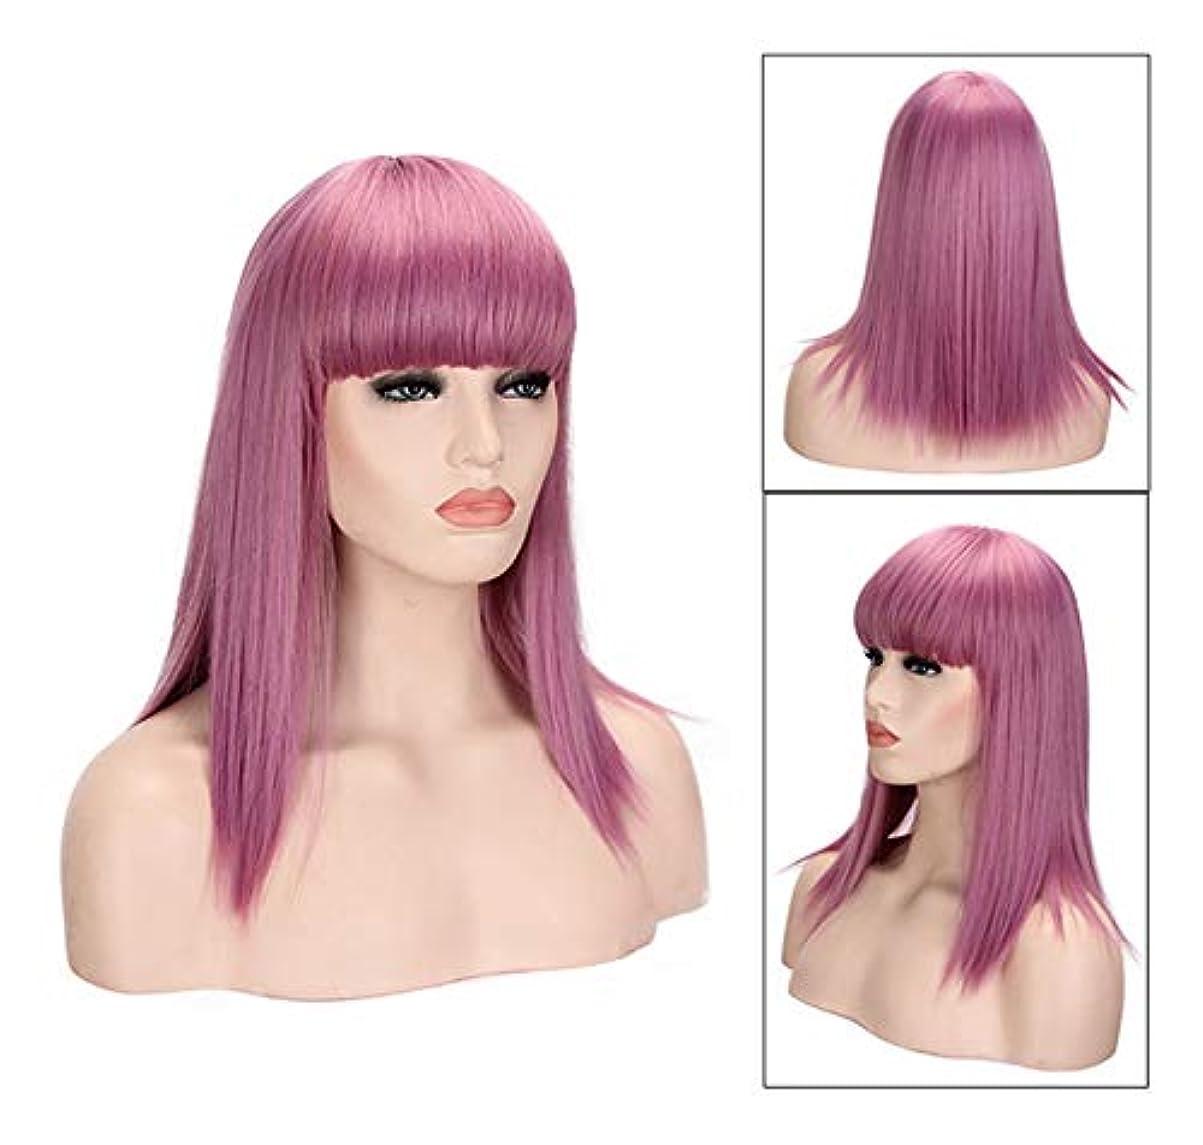 スローガン化学者テレマコス女性用フルウィッグ、コスプレパーティーデイリードレスのヘアピースの前髪と自然なピンク合成ミディアムロングストレートの髪